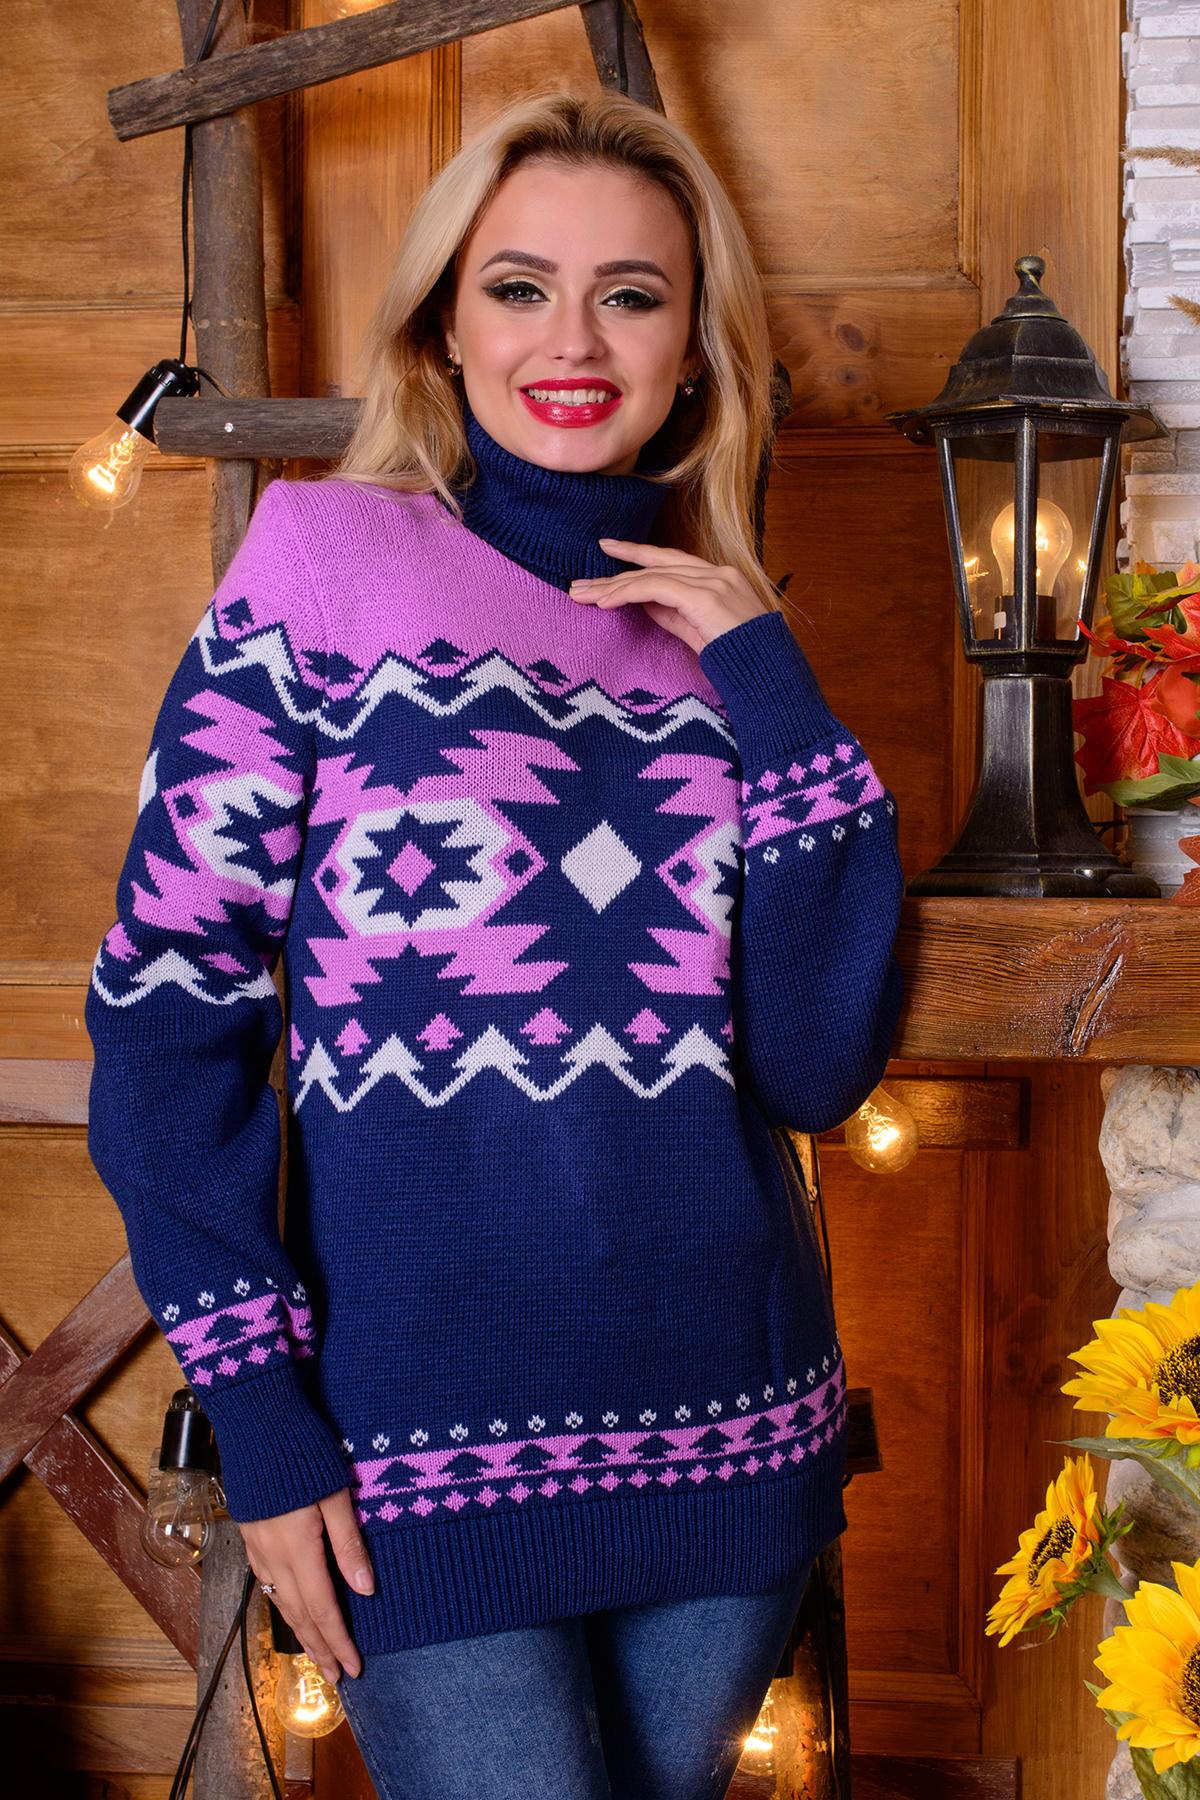 женский вязаный свитер Свитер Стрелки